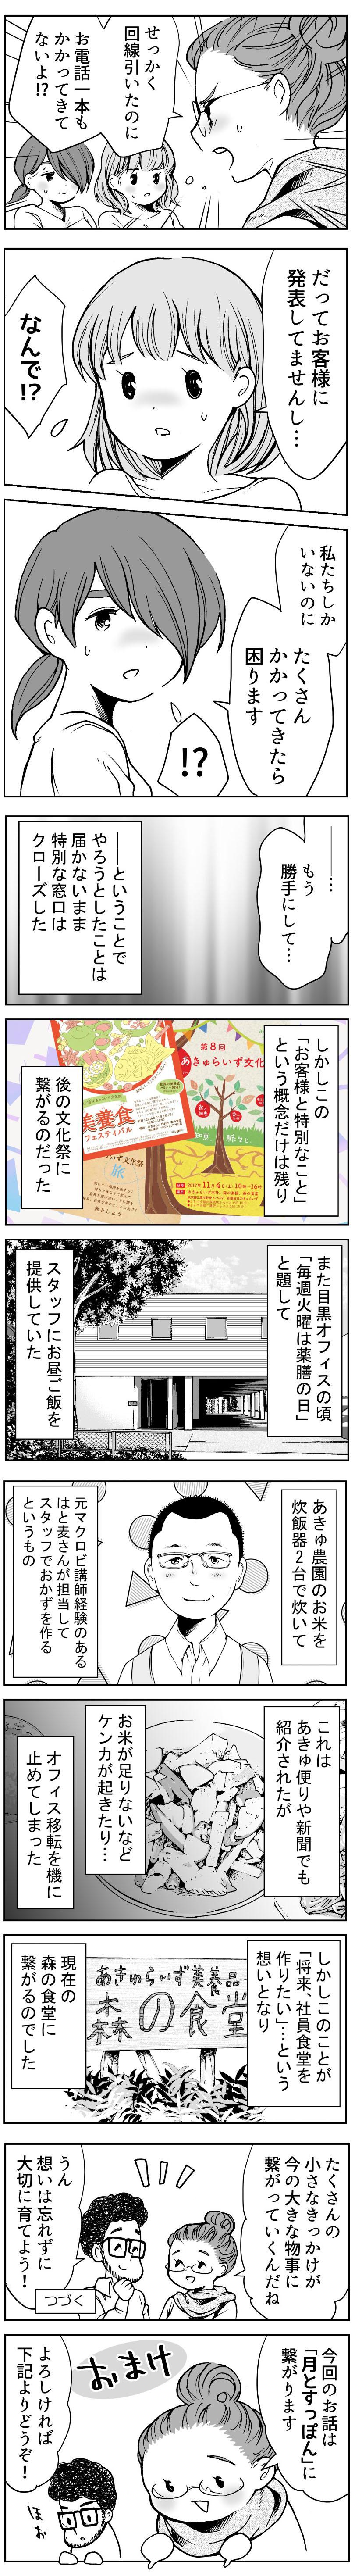 71-2.jpg